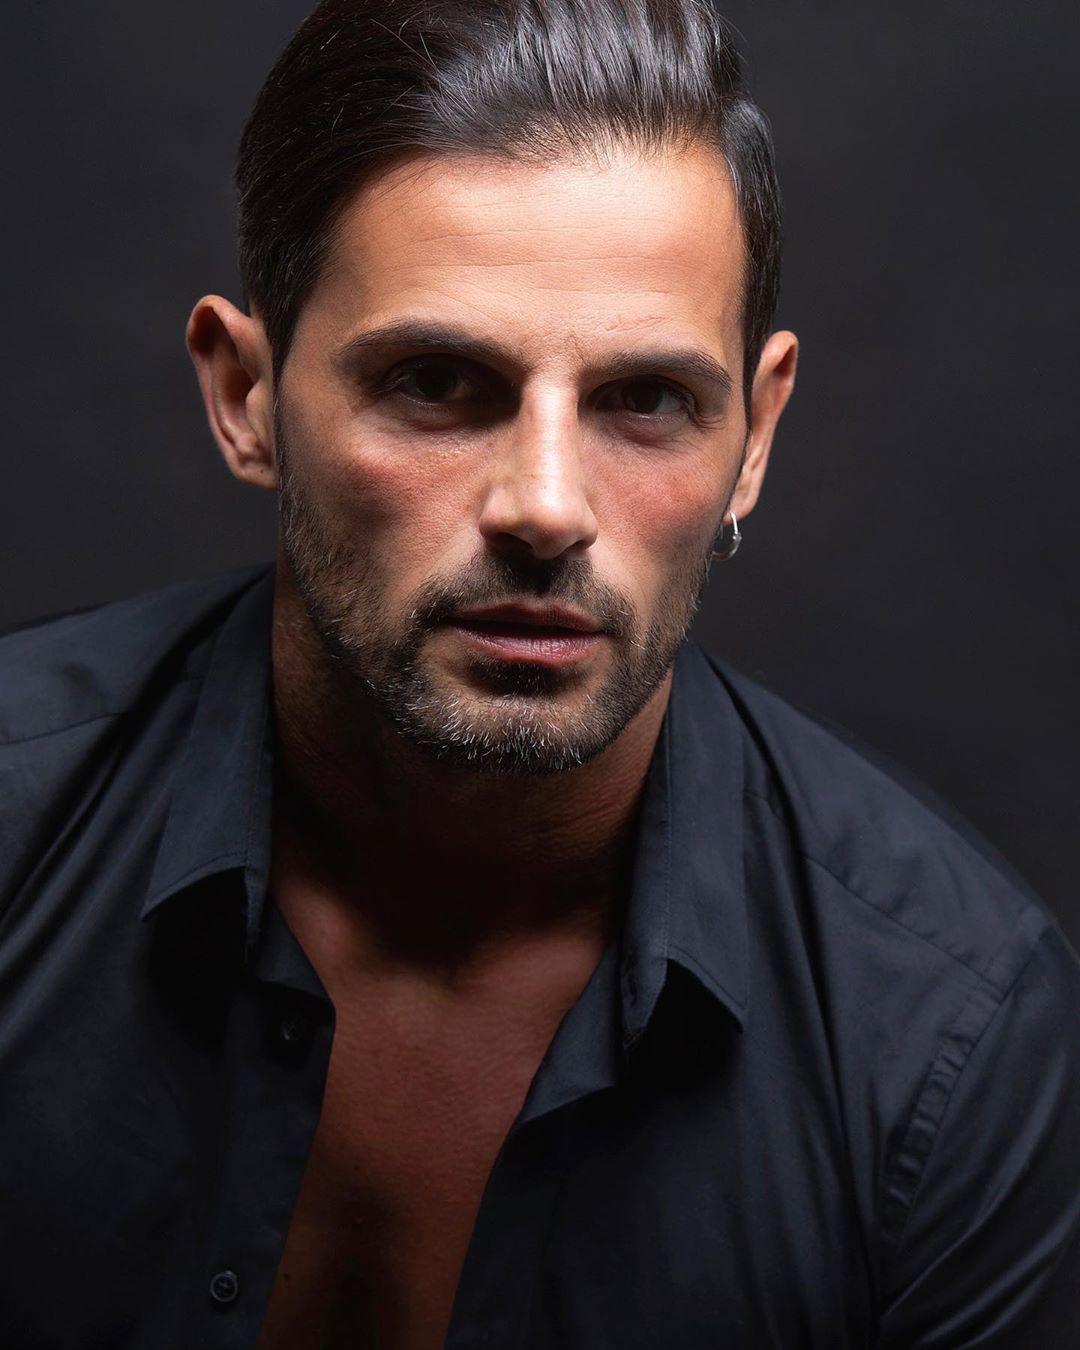 Alessio Lo Passo, lavora come modello e imprenditore, è un noto personaggio televisivo